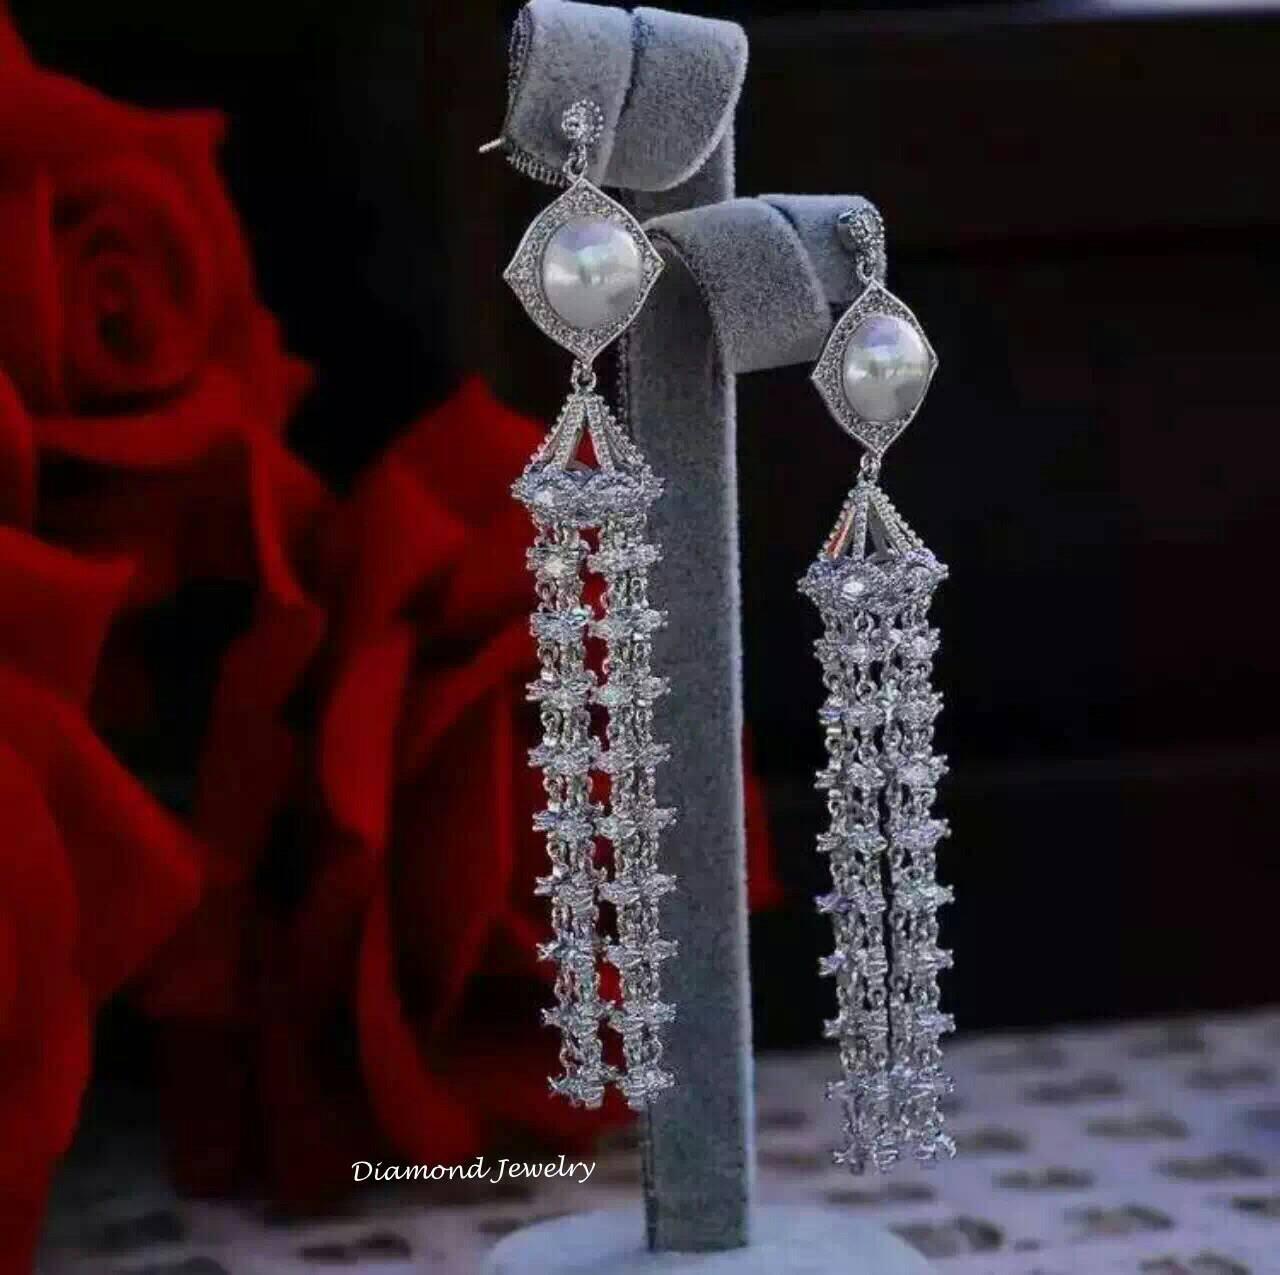 พร้อมส่ง Diamond Earring ต่างหูเพชร CZ แท้